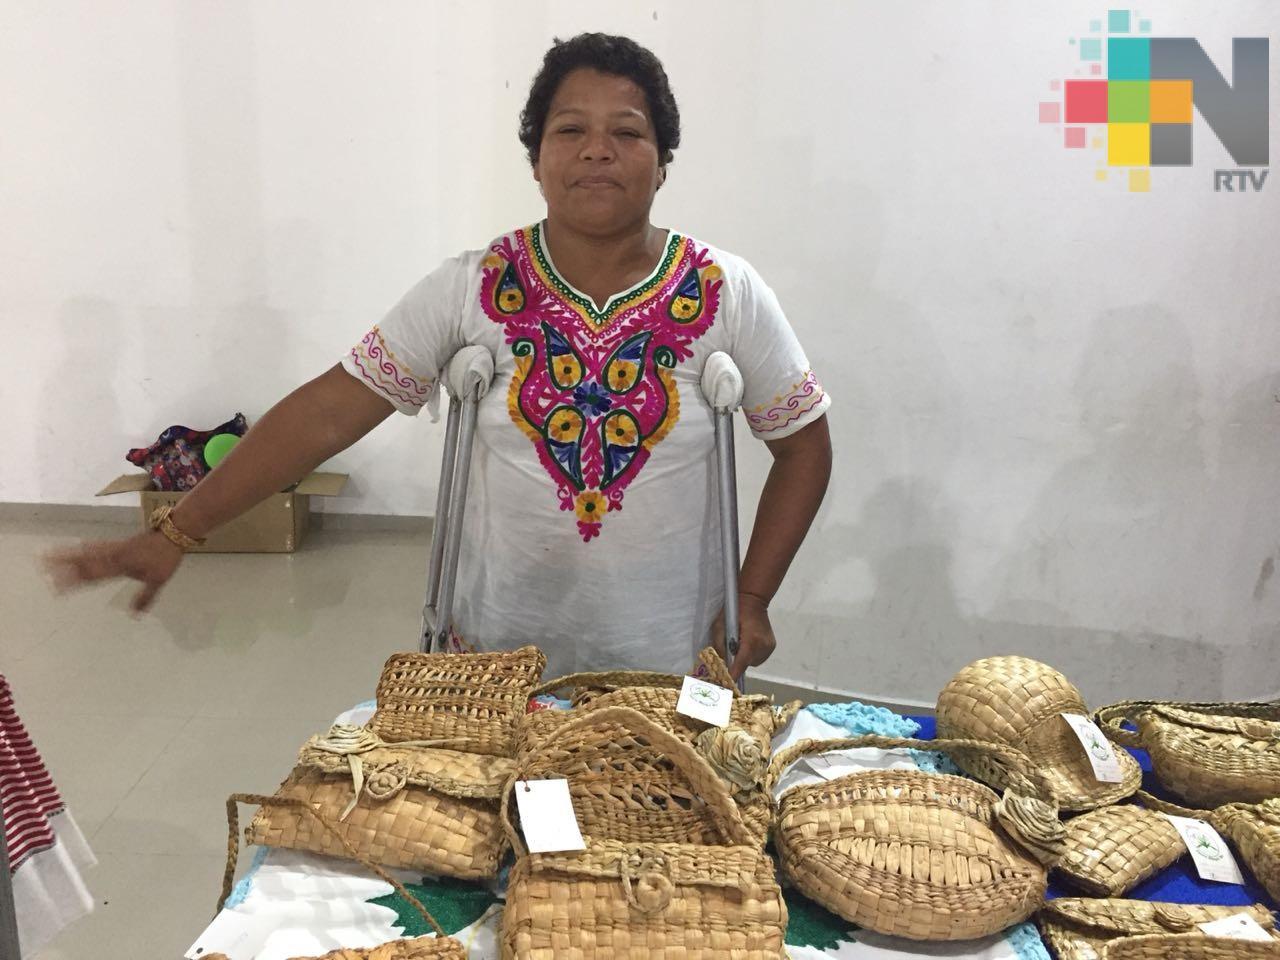 Personas con discapacidad se autoemplean haciendo artesanías